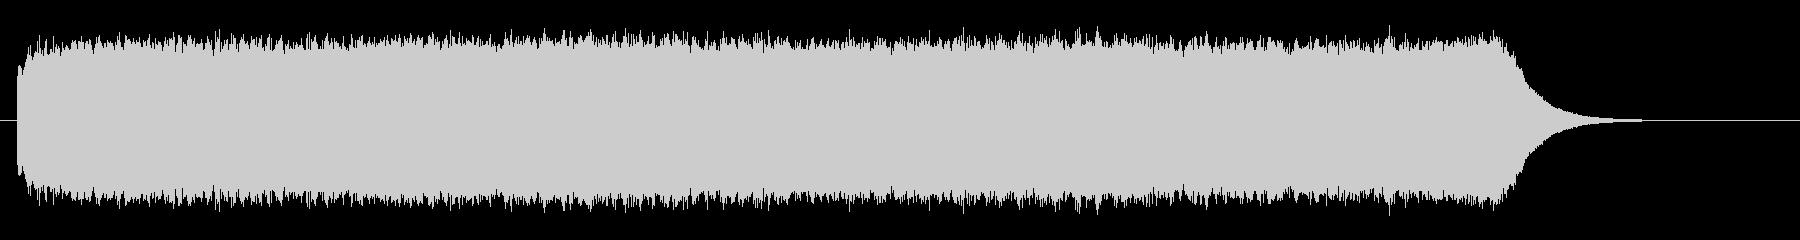 ビーーーーーーーーーーーという耳障りな音の未再生の波形